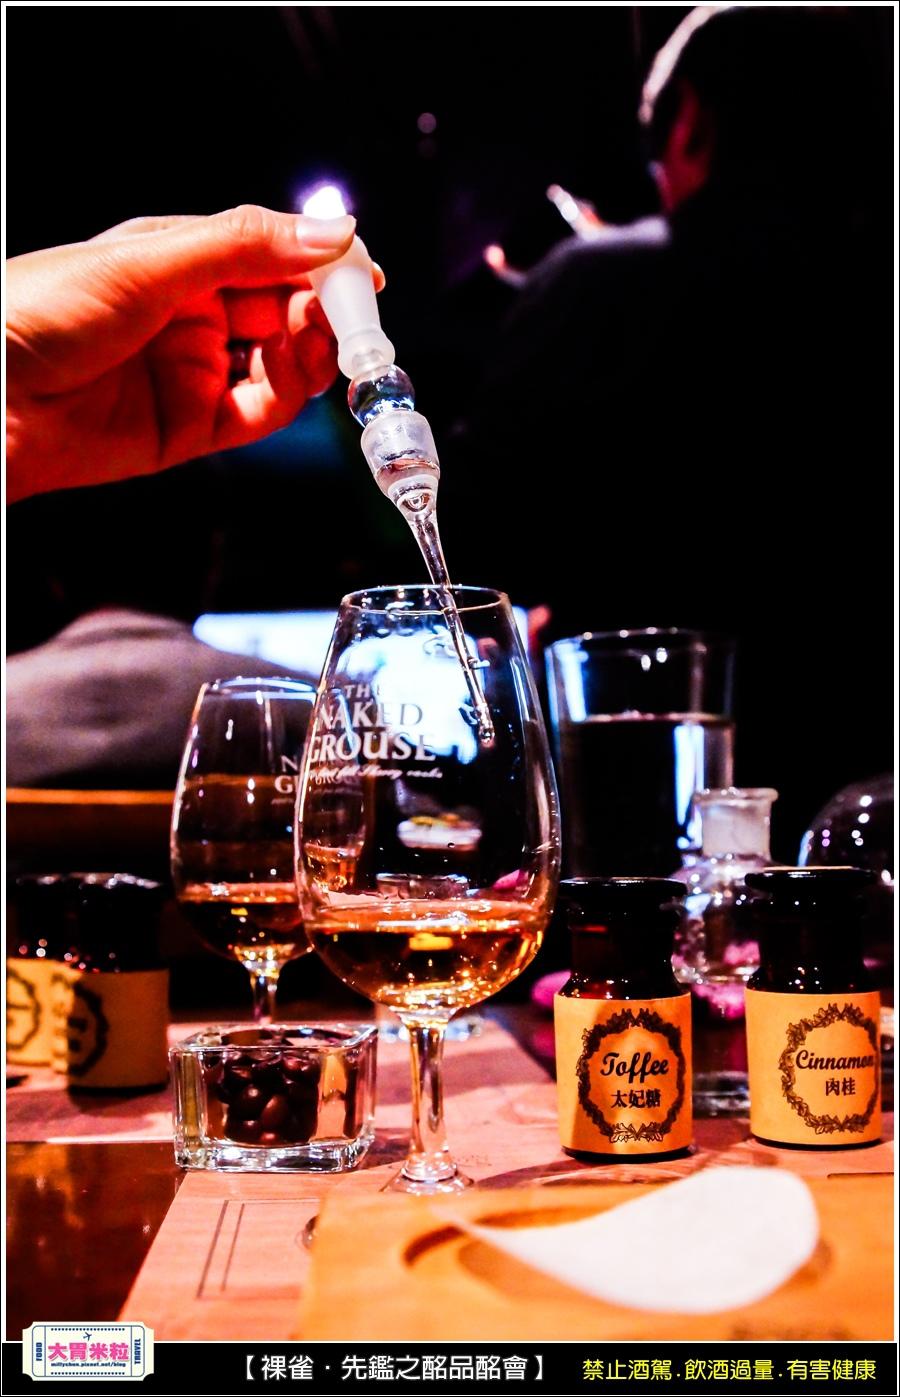 裸雀威士忌先鑑之酩品酩會@蘇格蘭威士忌推薦@初次雪莉桶@大胃米粒0043.jpg